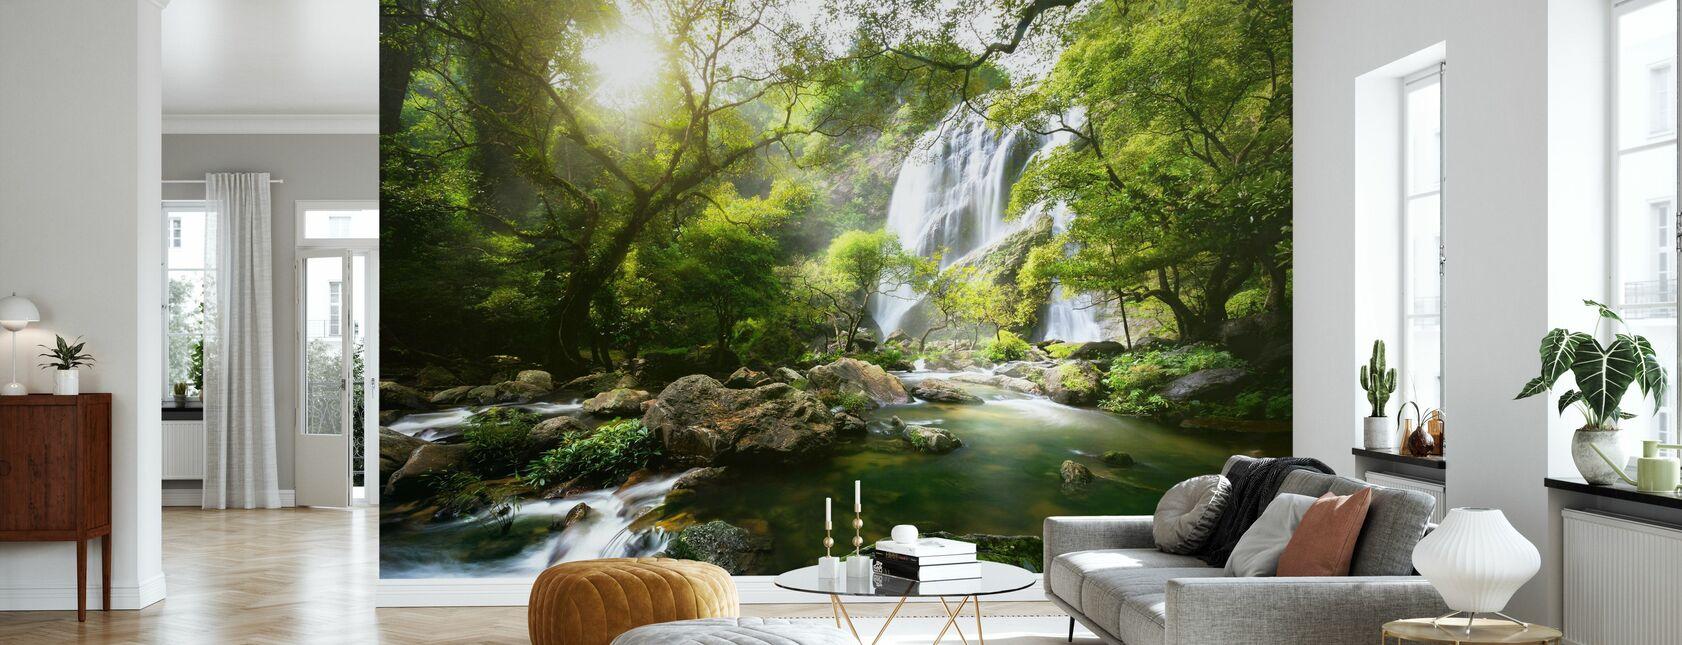 Mountain Stream - Wallpaper - Living Room